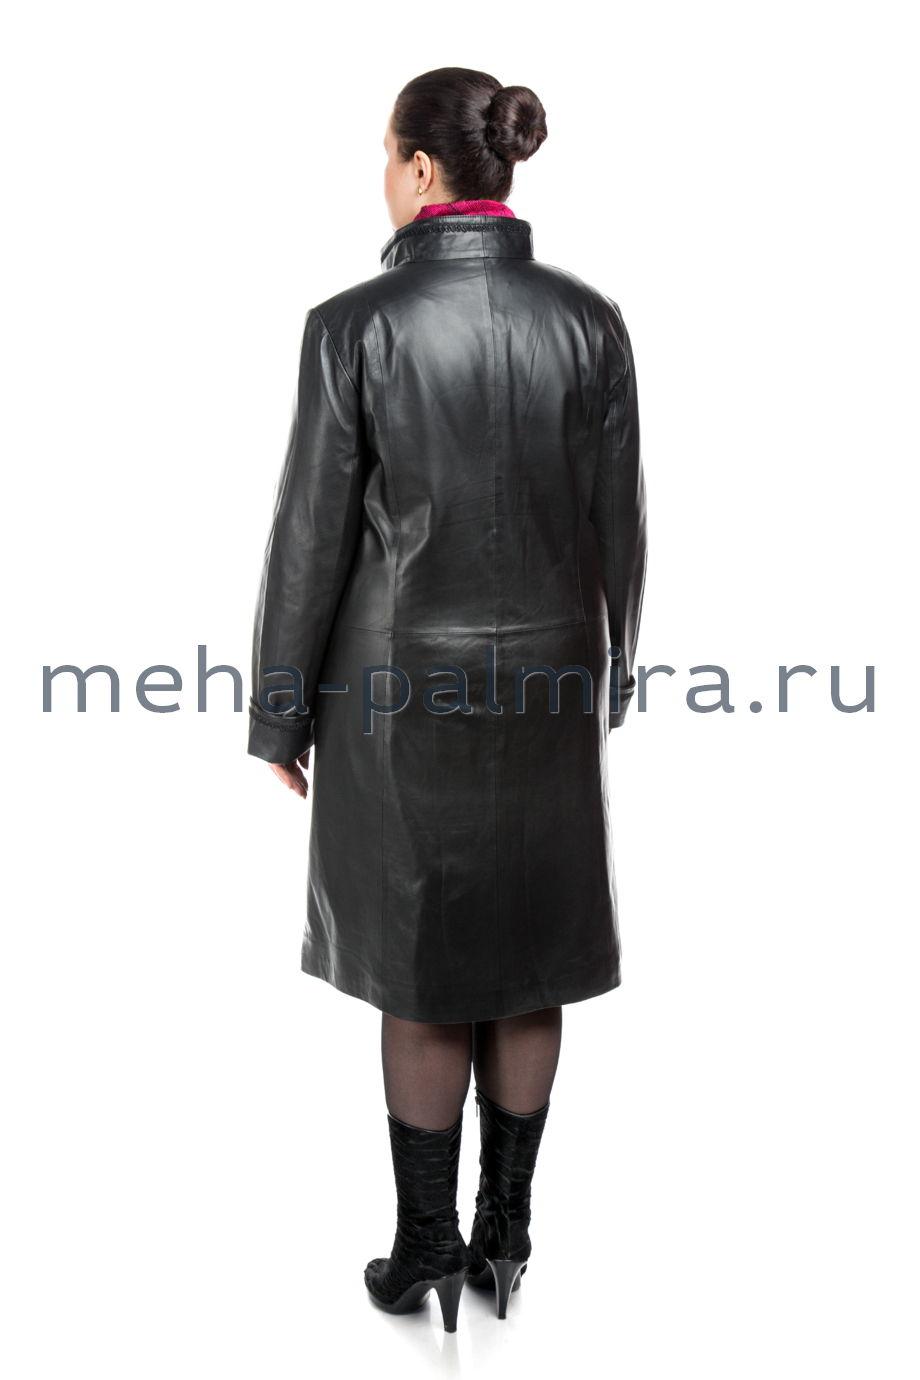 Женский кожаный плащ для полных